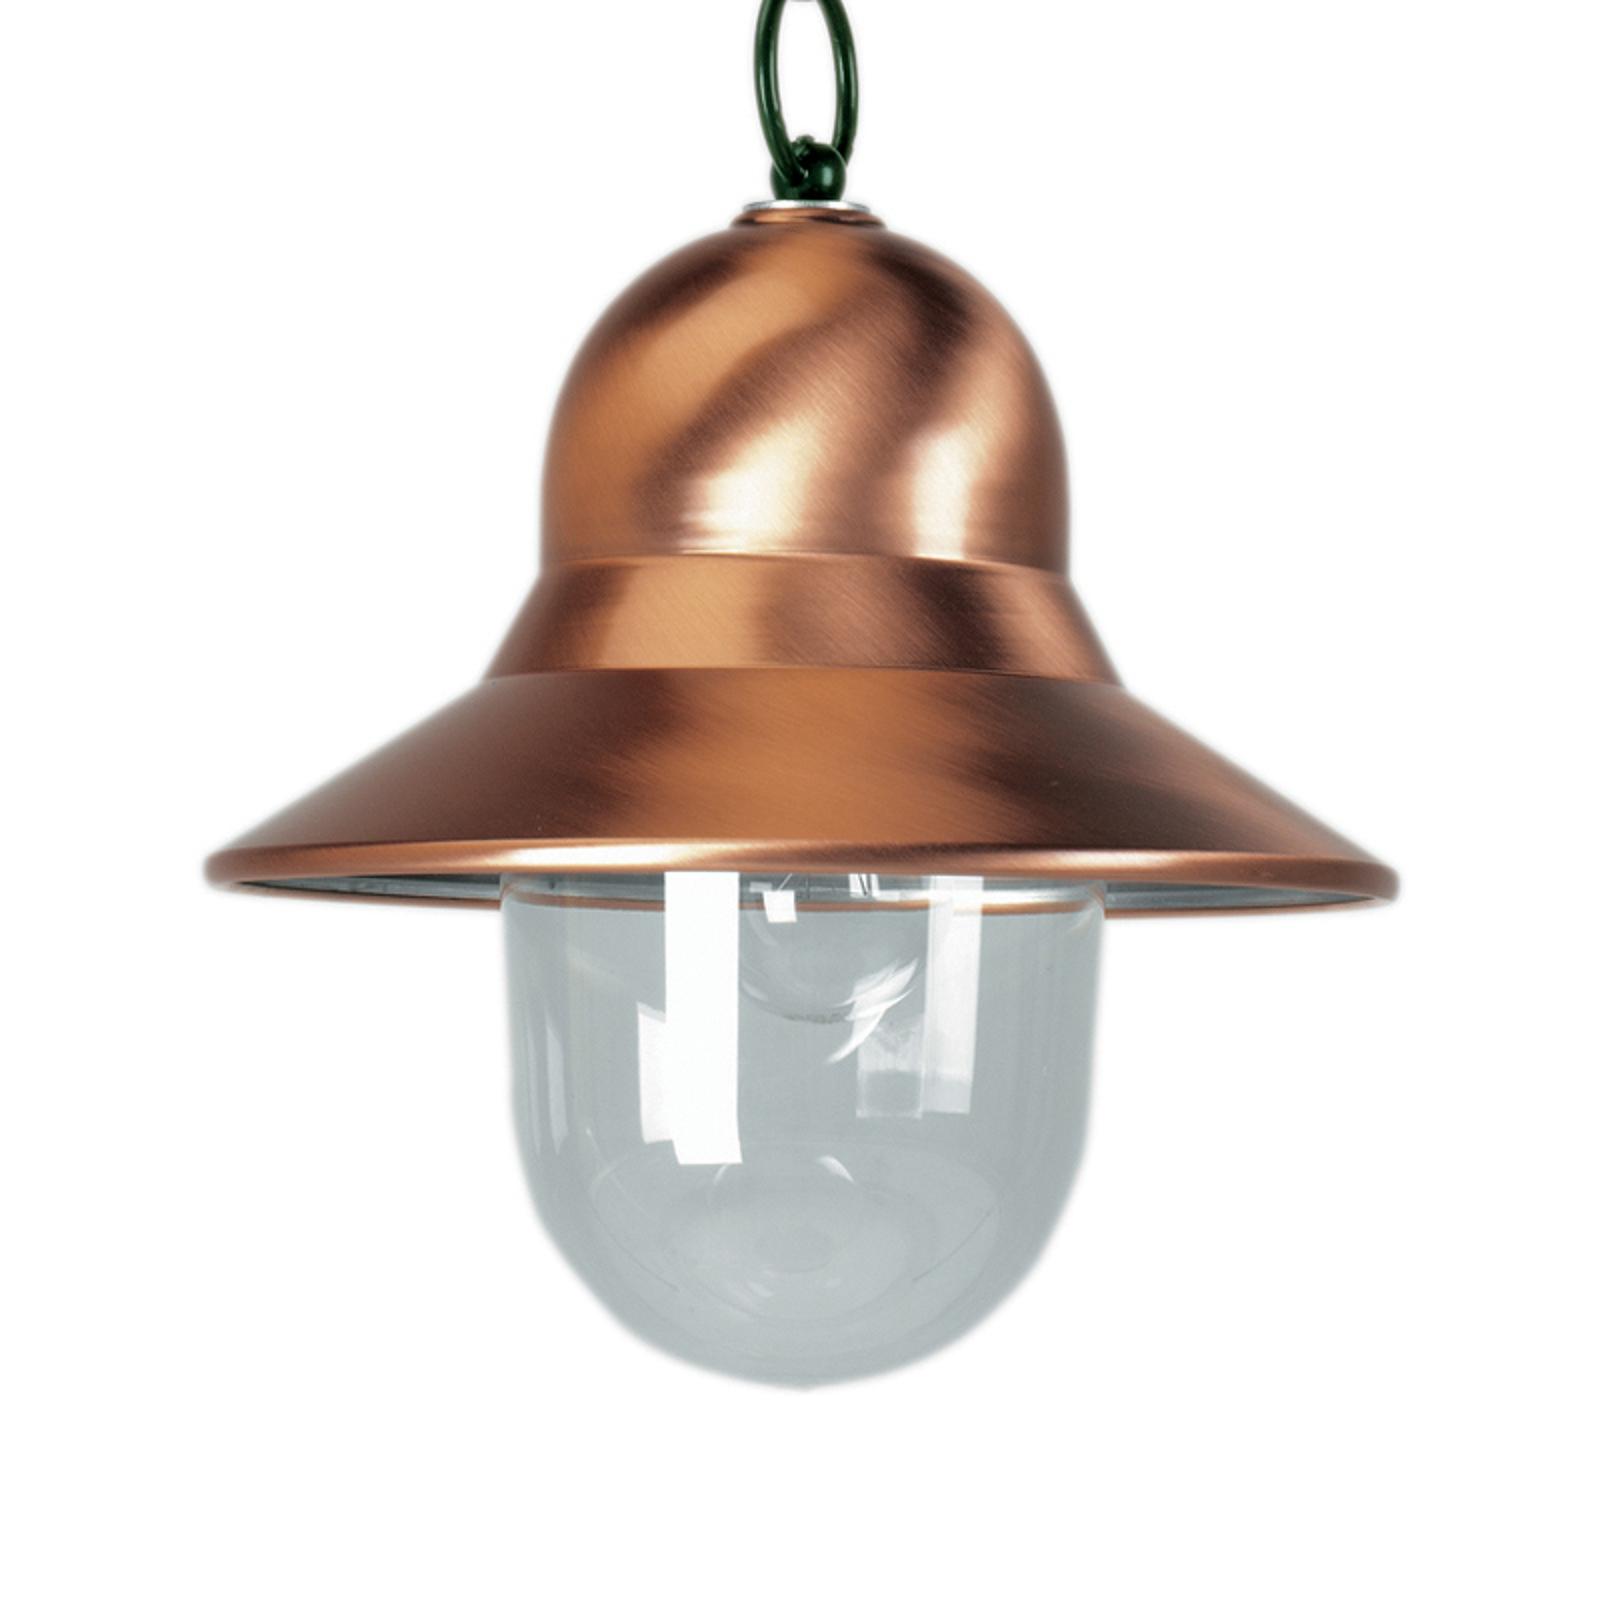 Zewnętrzna lampa wisząca Toscane, zielona